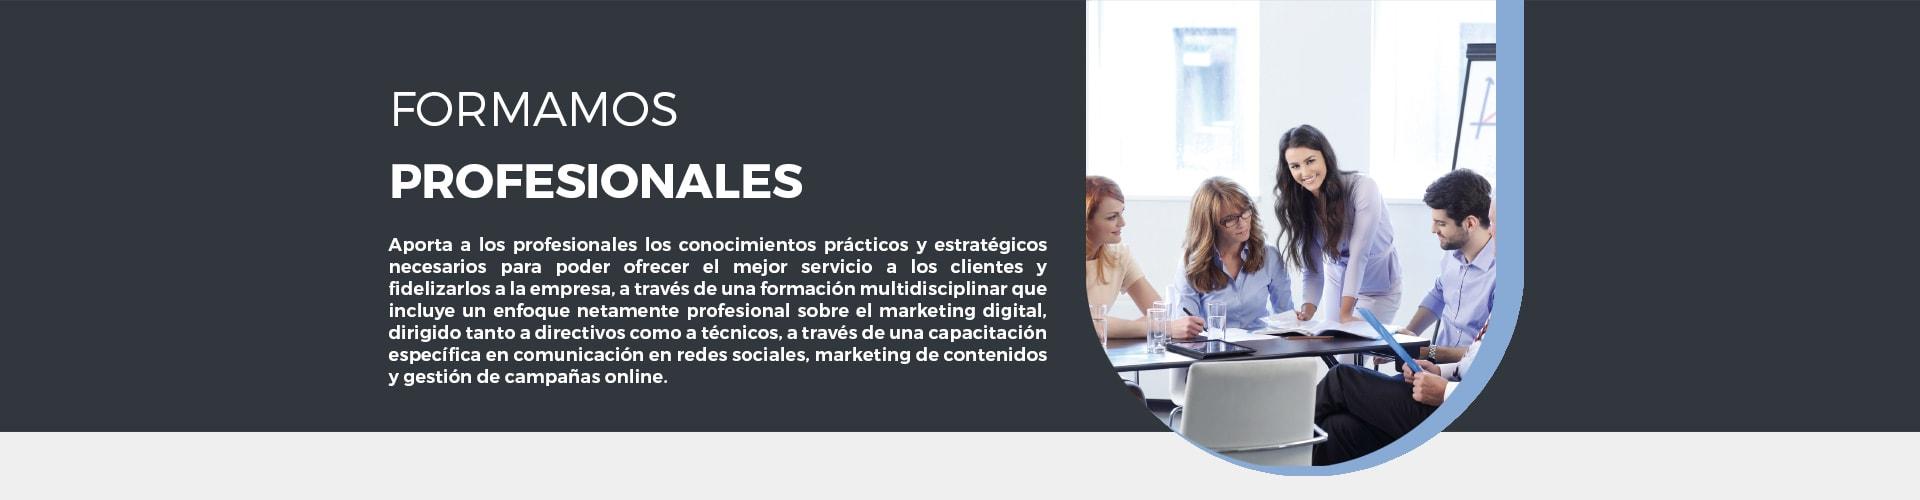 El master en marketing digital está tanto dirigido tanto a directivos como técnicos, a través de una capacitación específica en comunicación en redes sociales, marketing de contenidos y gestión de campañas online.